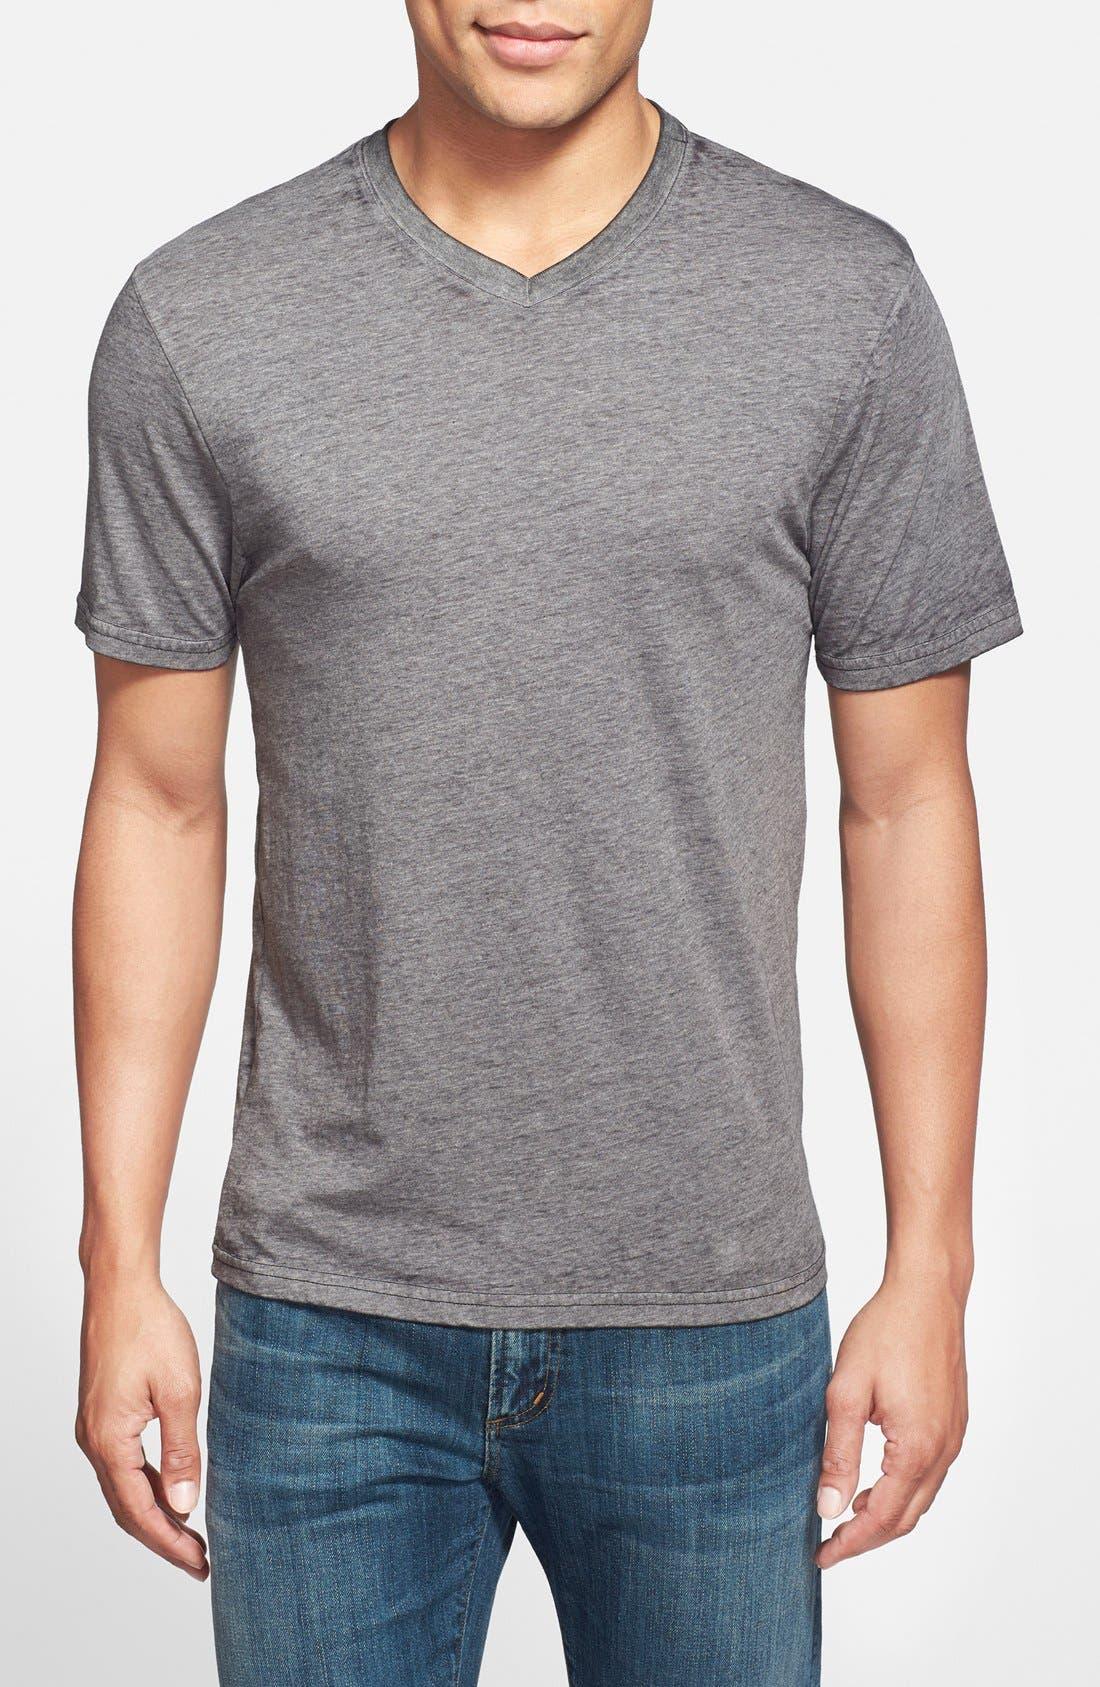 Alternate Image 1 Selected - Red Jacket Trim Fit V-Neck T-Shirt